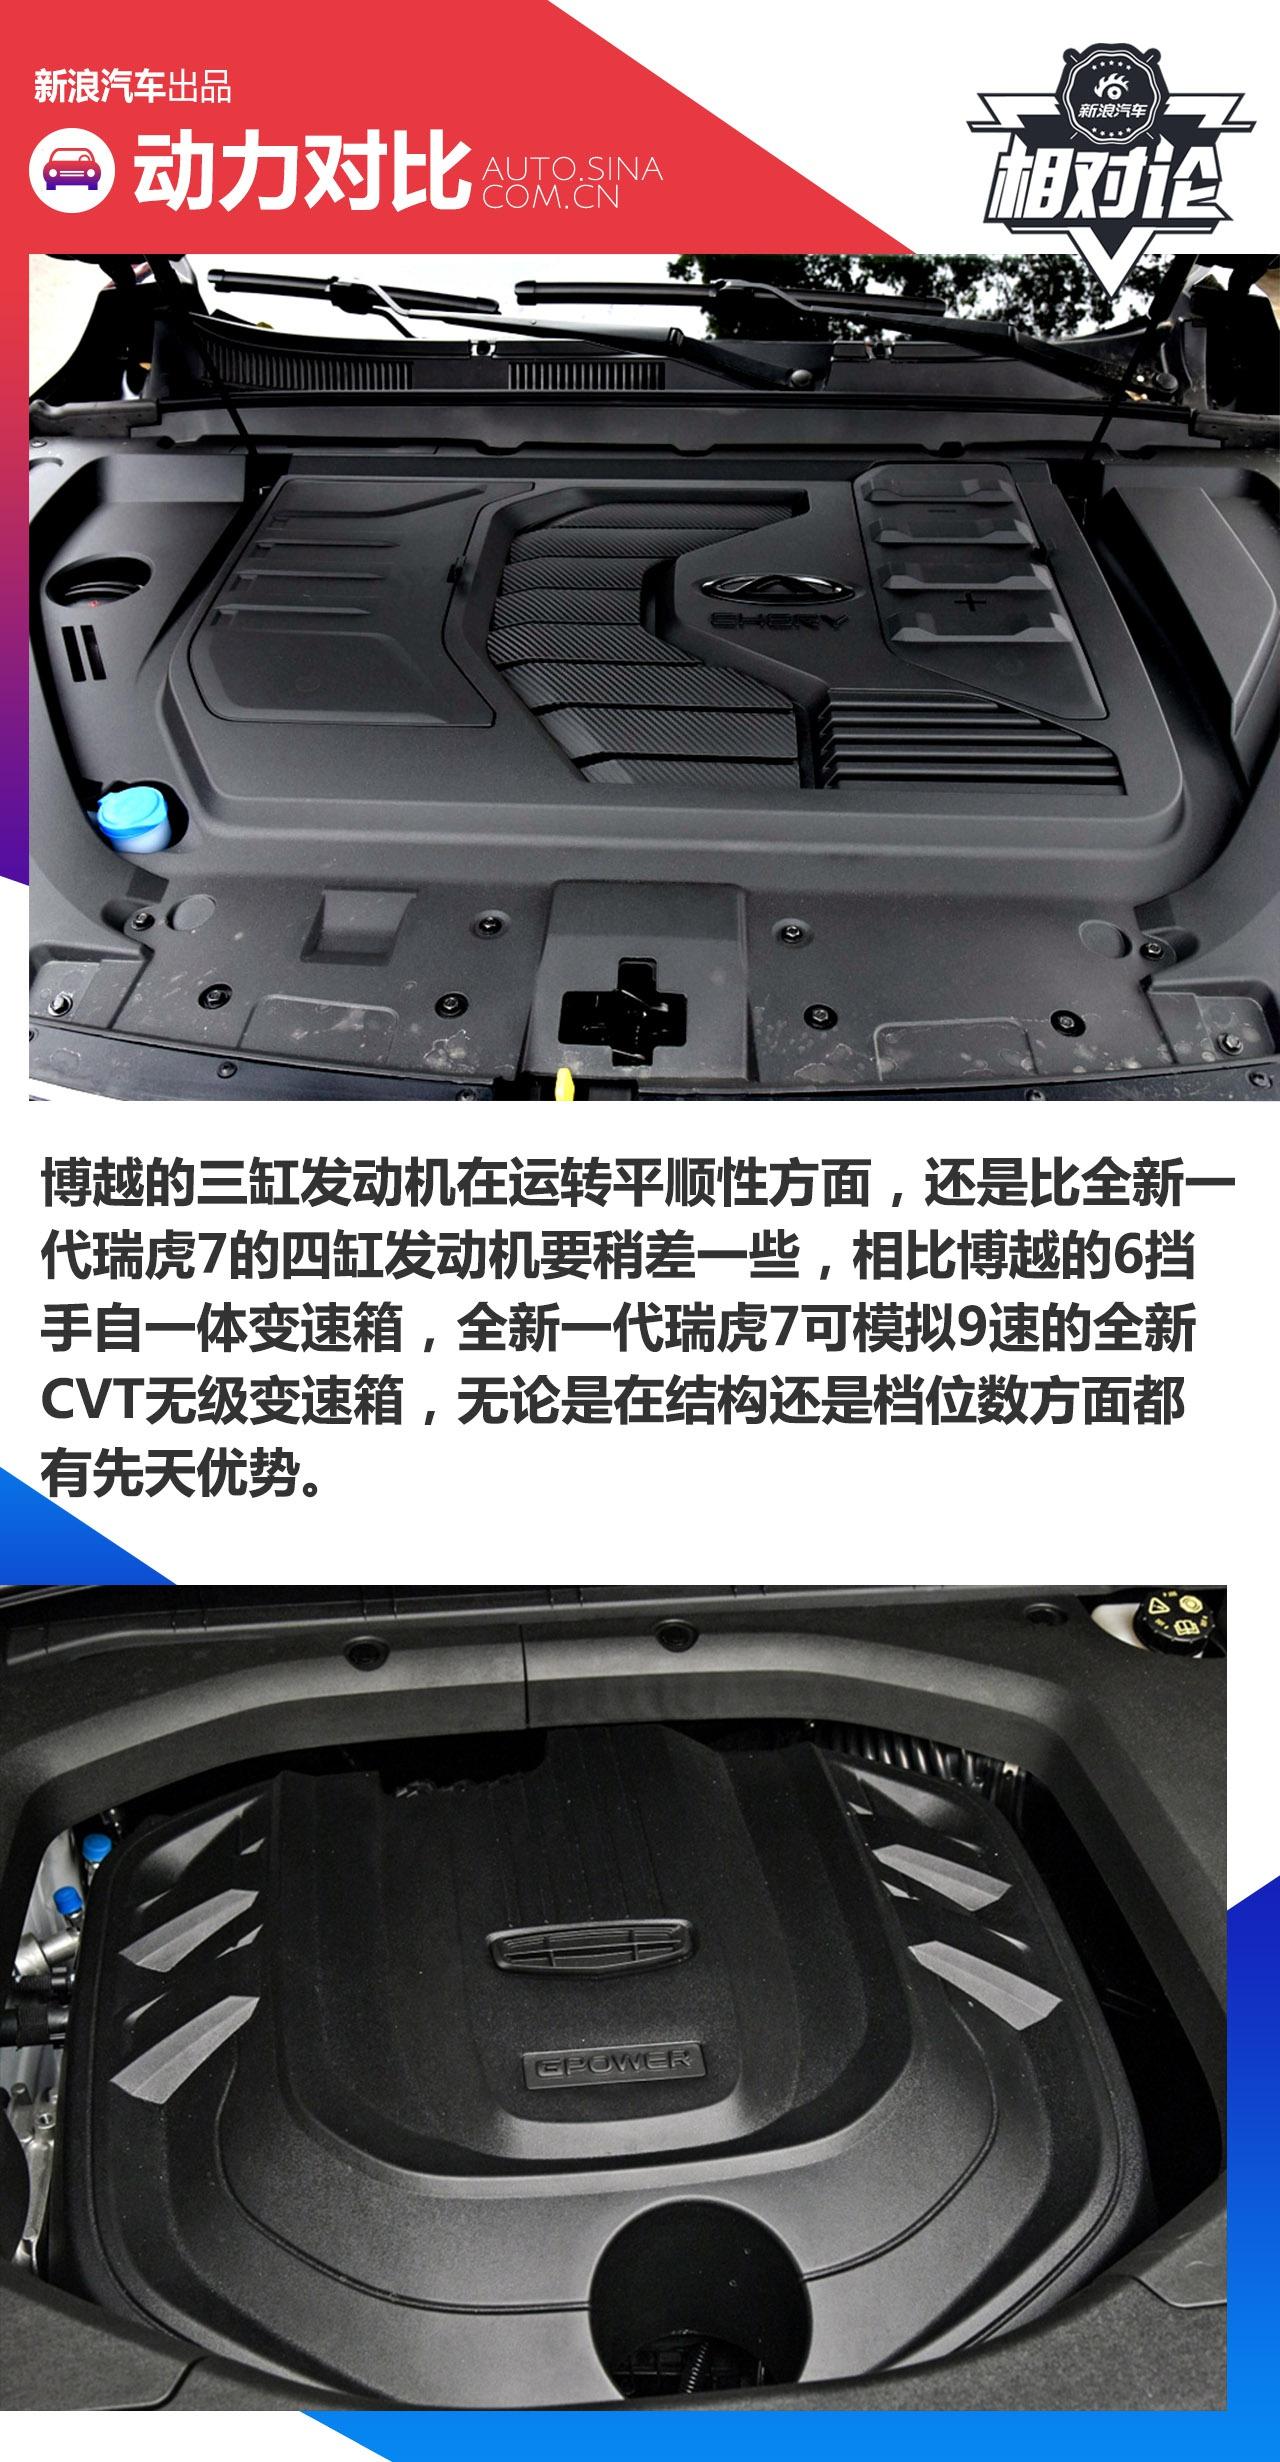 10万元自主紧凑型SUV如何选?奇瑞全新一代瑞虎7对比吉利博越